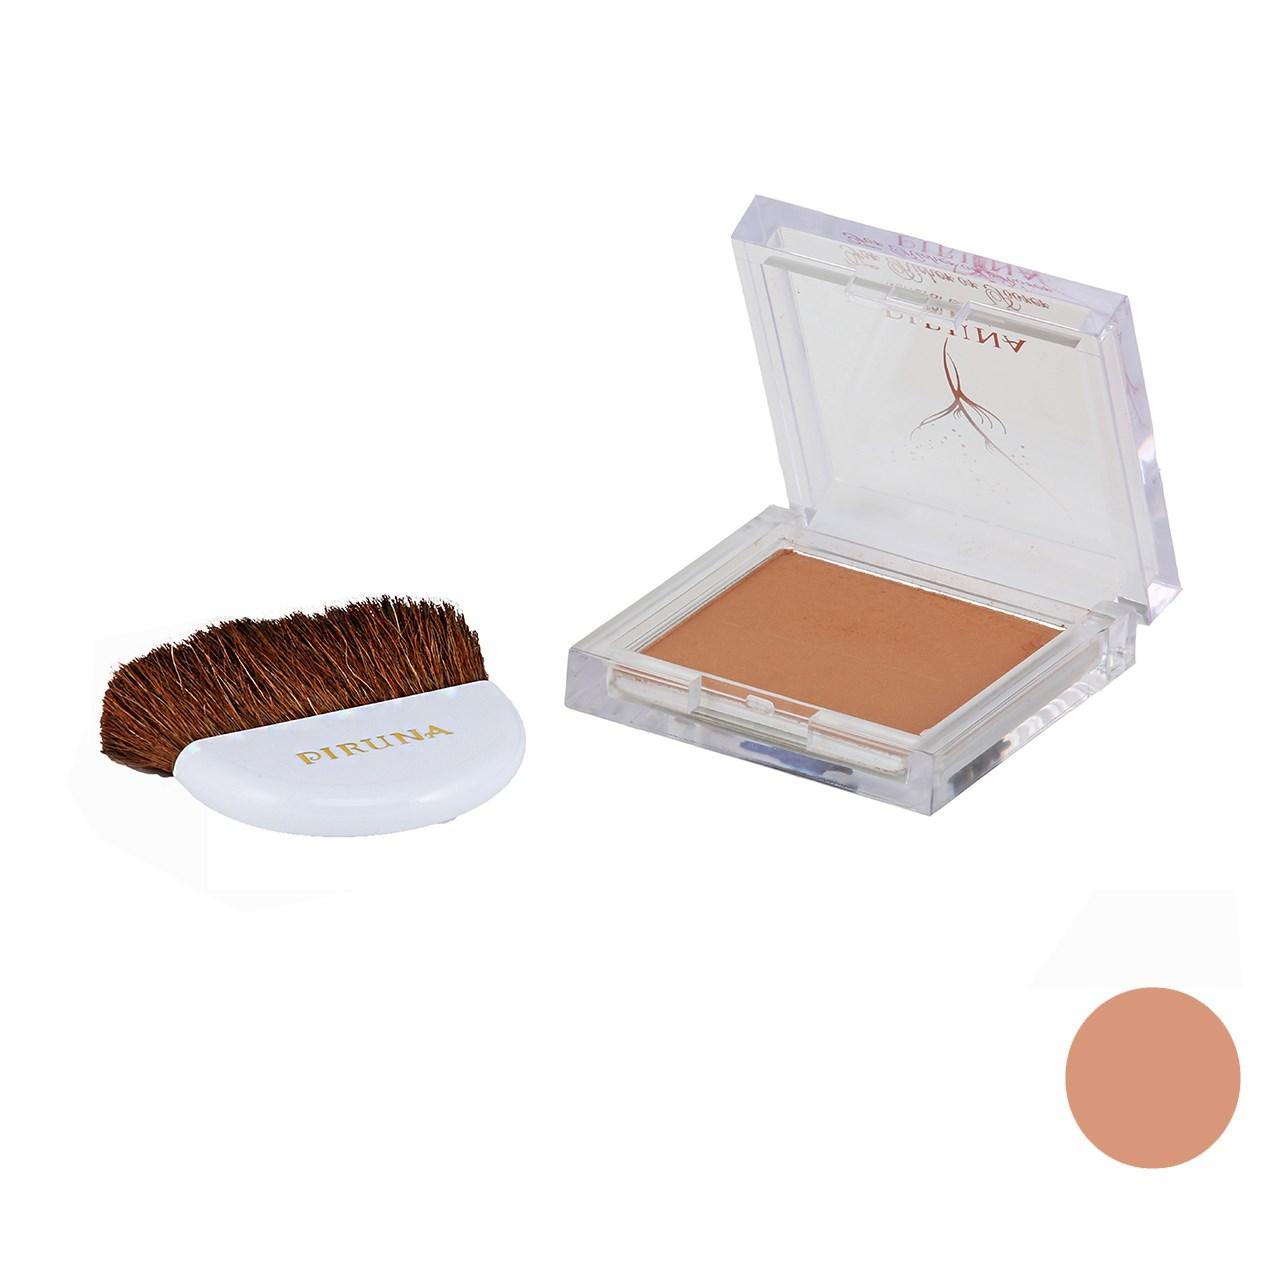 رژگونه پیرونا مدل تک رنگ با مواد معدنی شماره 05